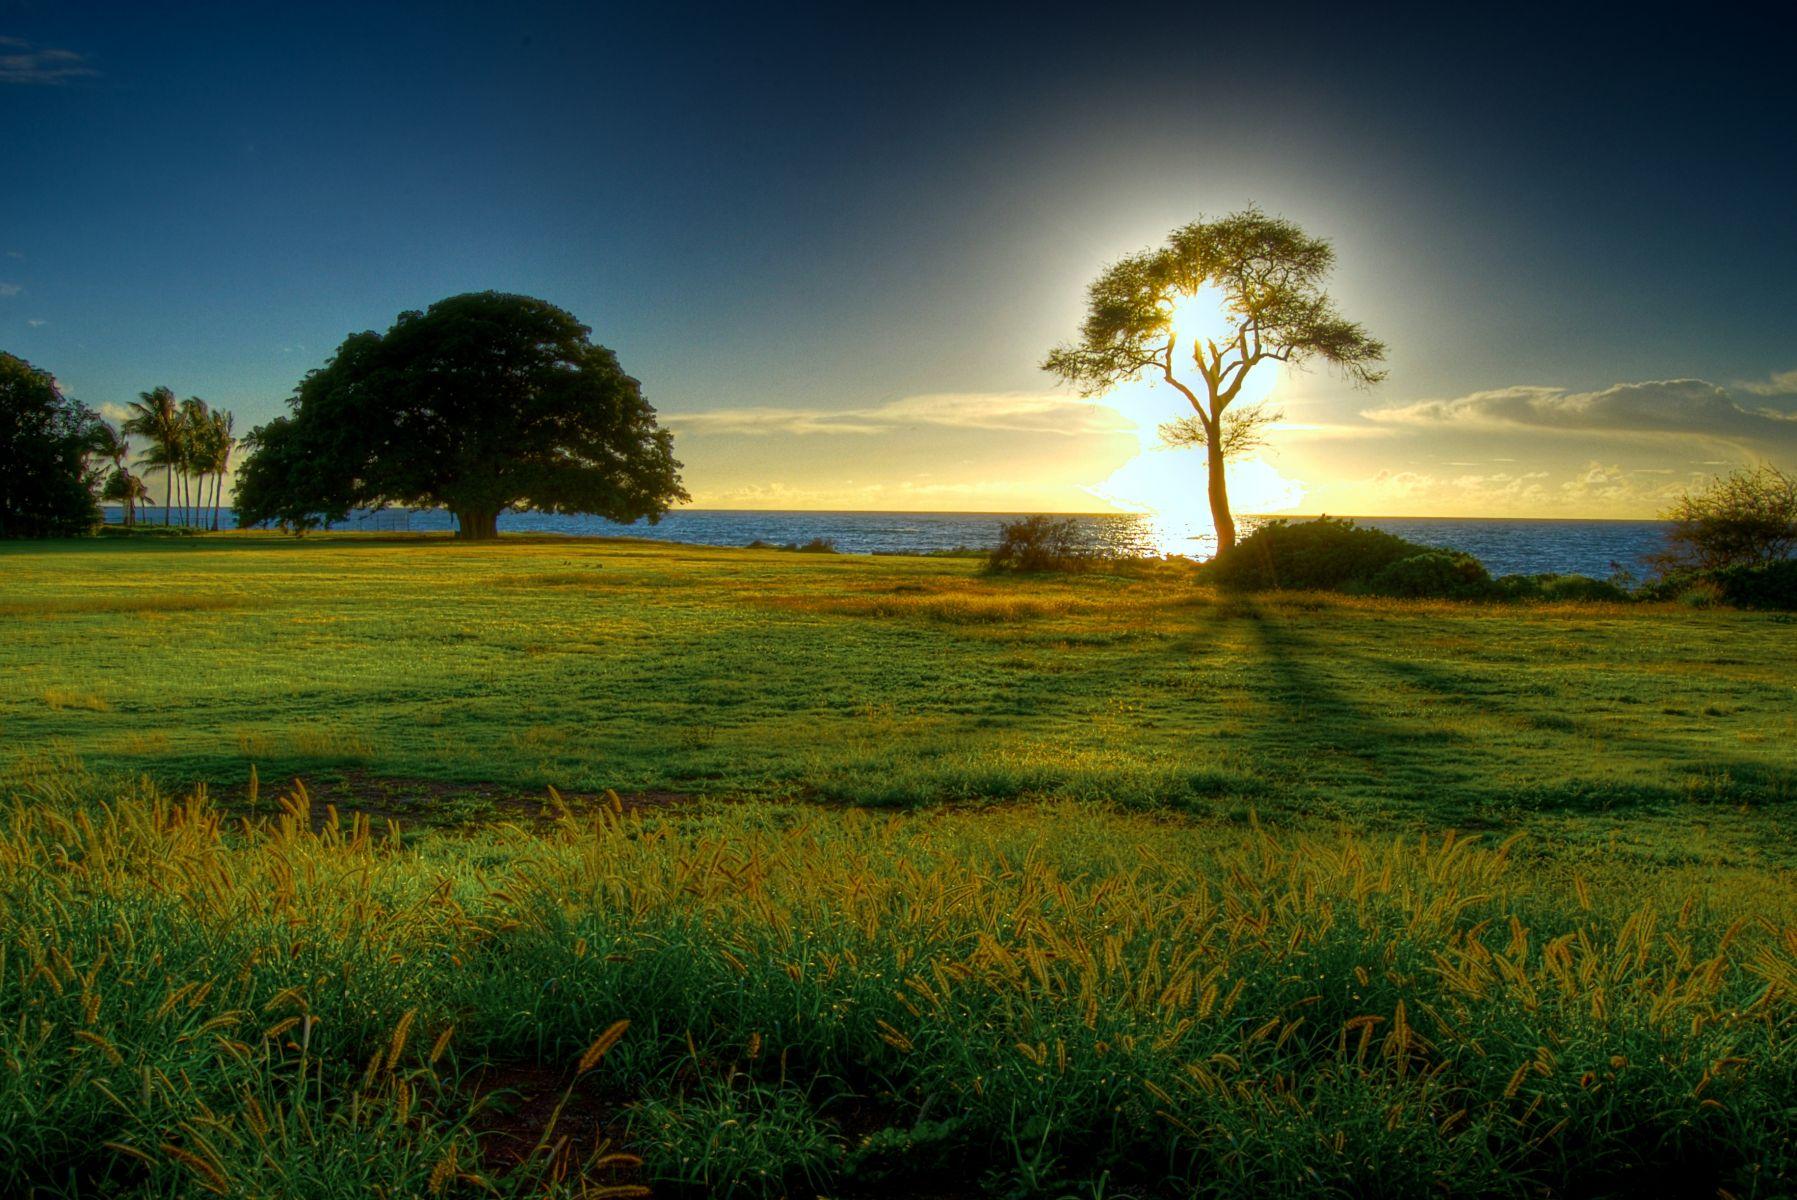 بالصور صور مناظر جميله , جمال الطبيعة فى صورة 2564 14